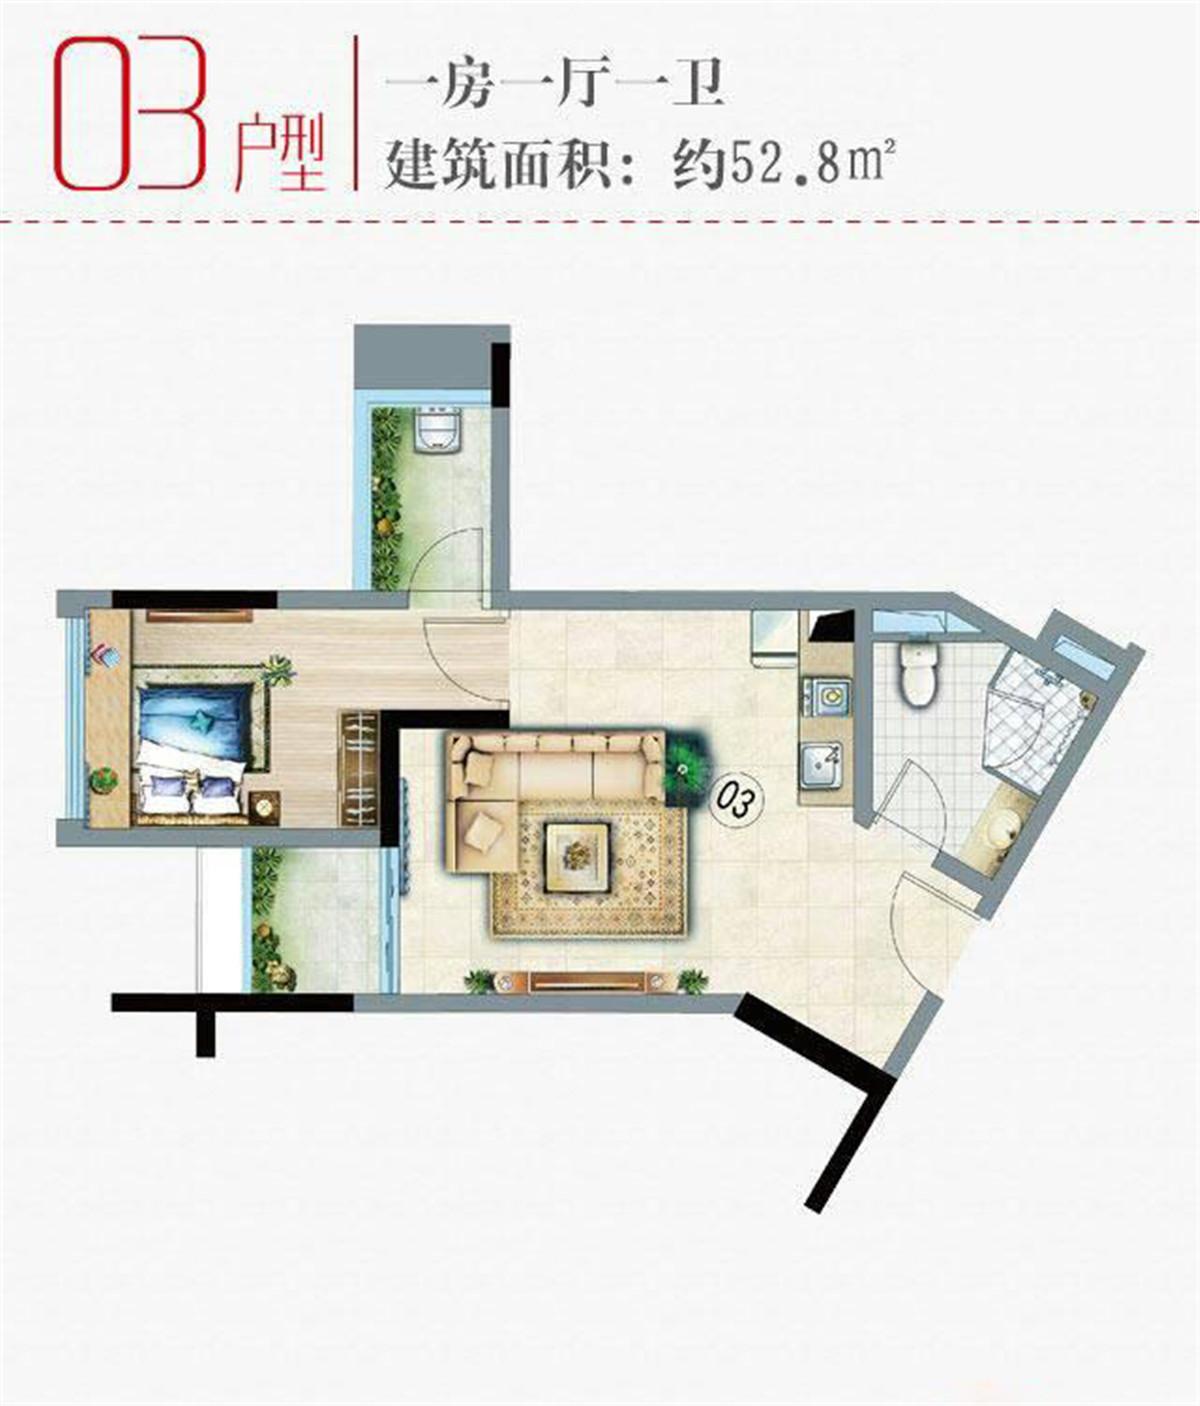 富力月亮湾1室1厅1卫1厨 (建筑面积:53.00㎡)